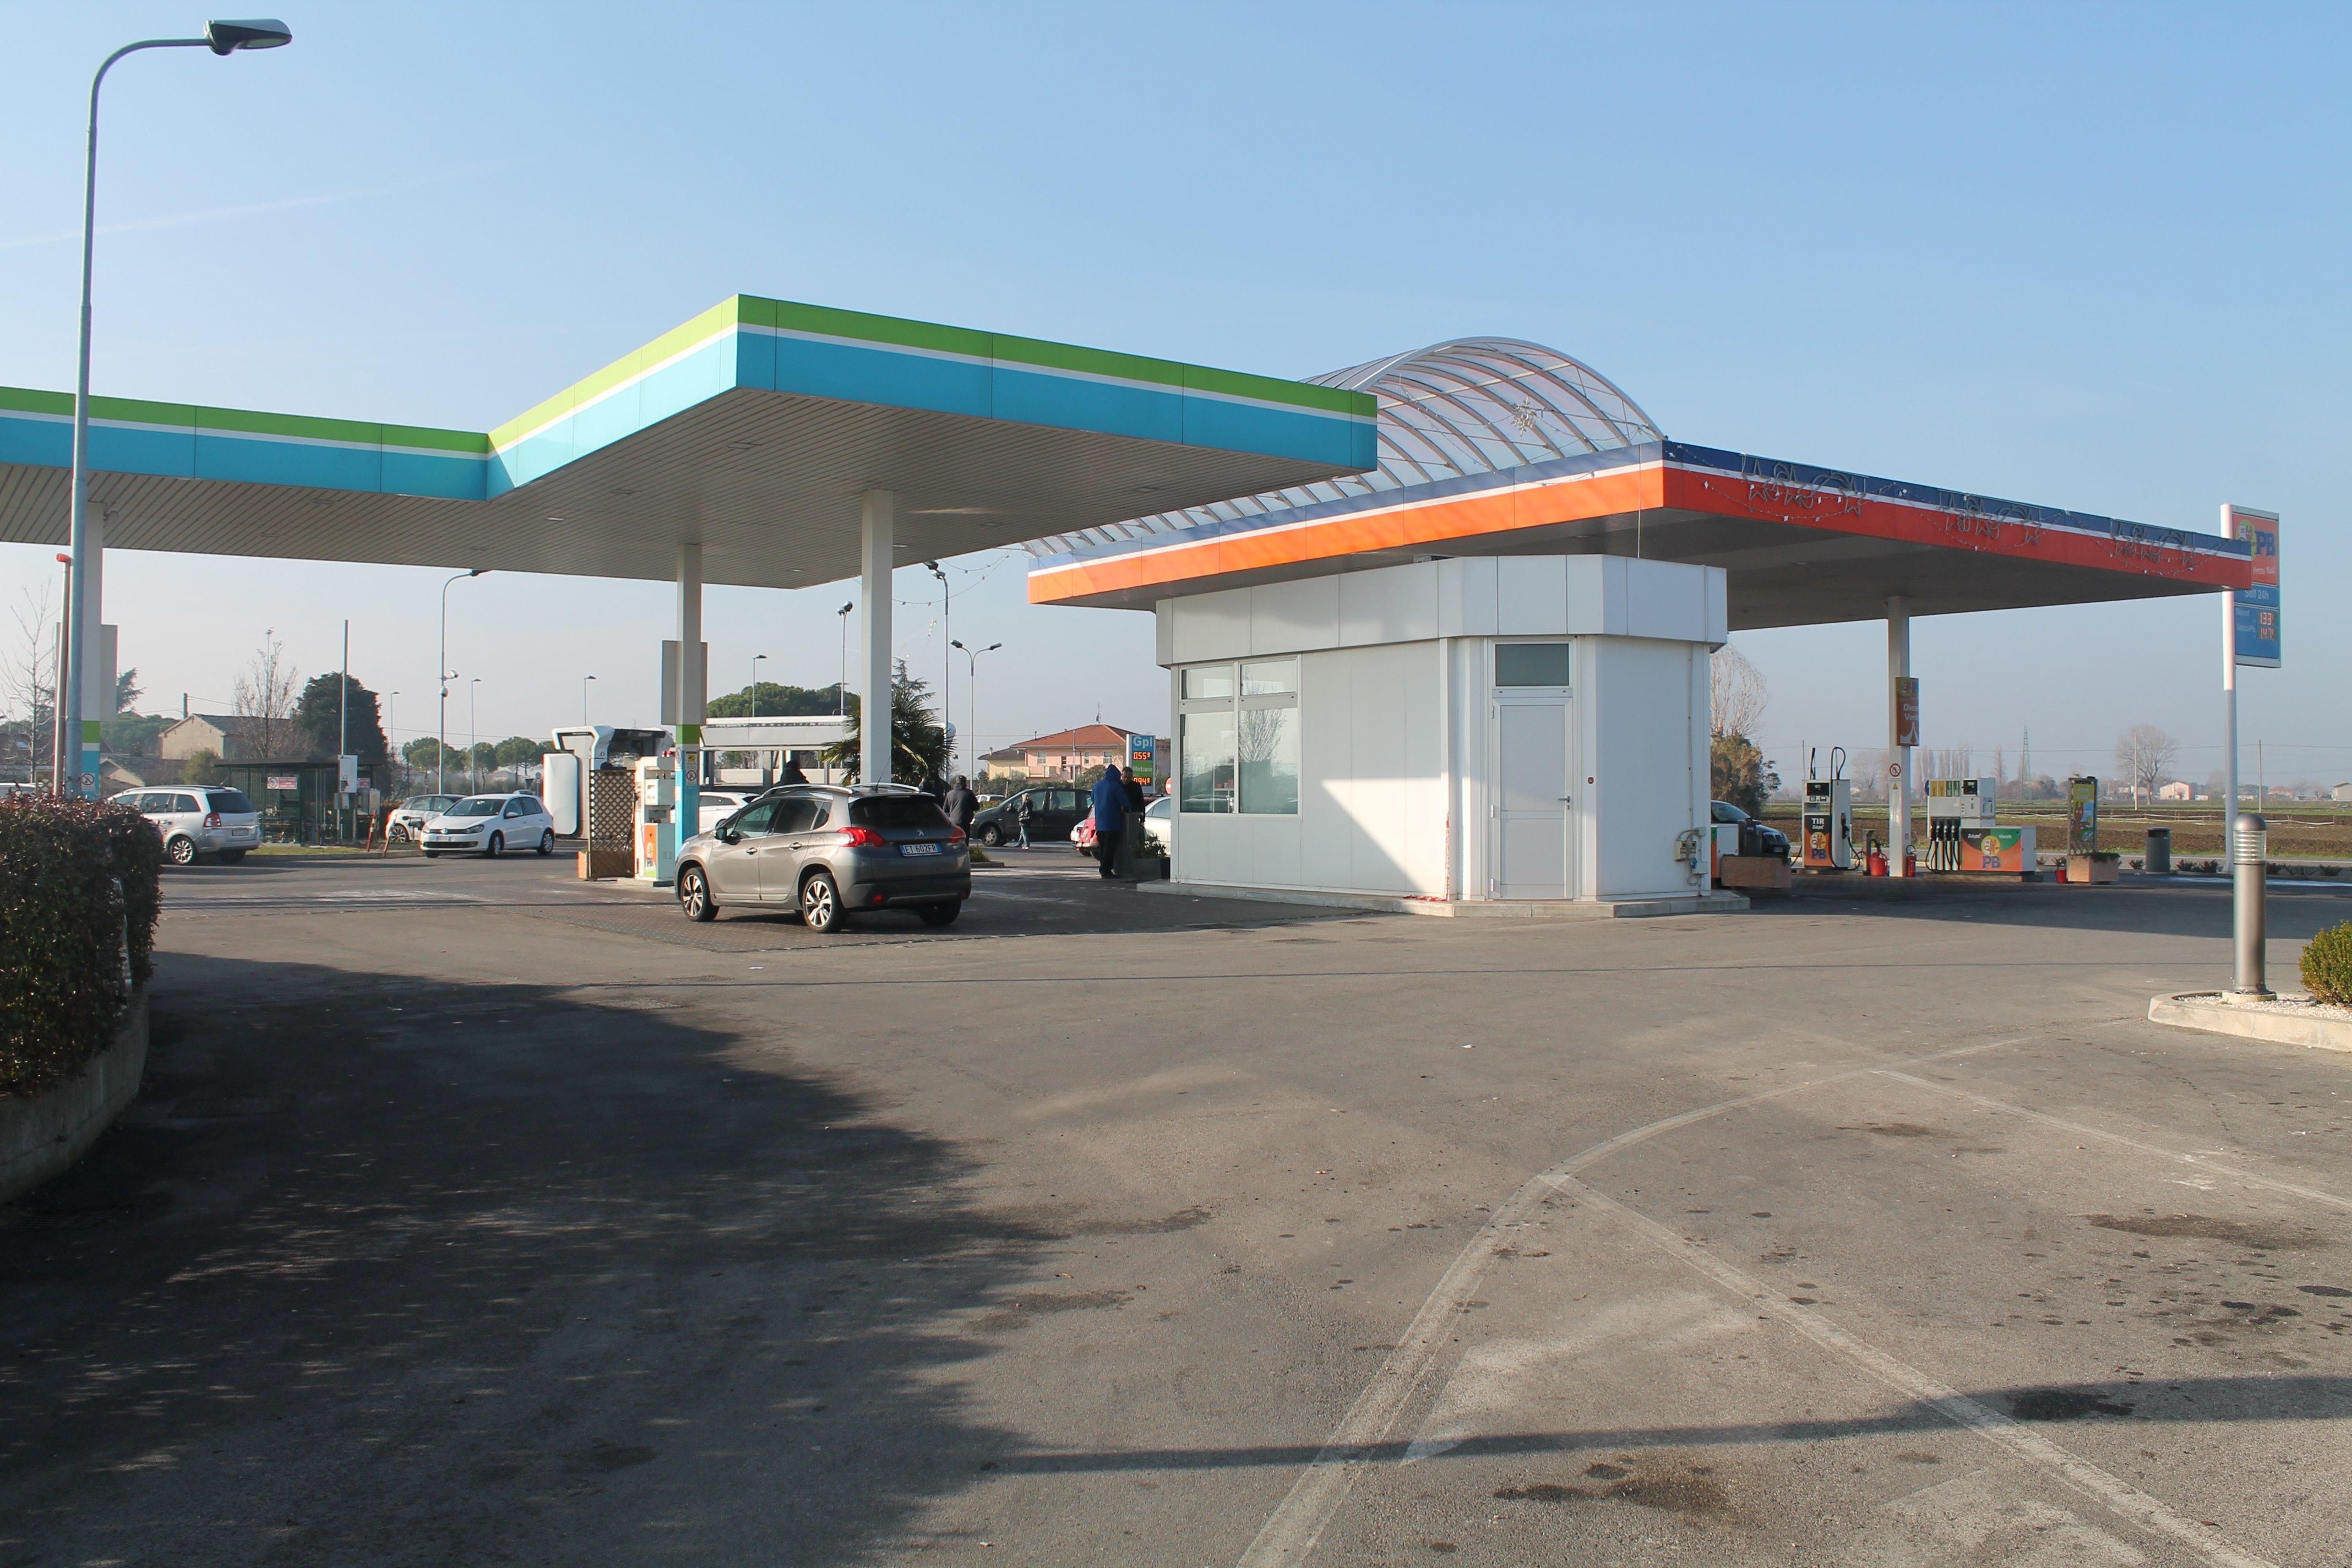 stazione di servizio con area parcheggio e una macchina grigia parcheggiata